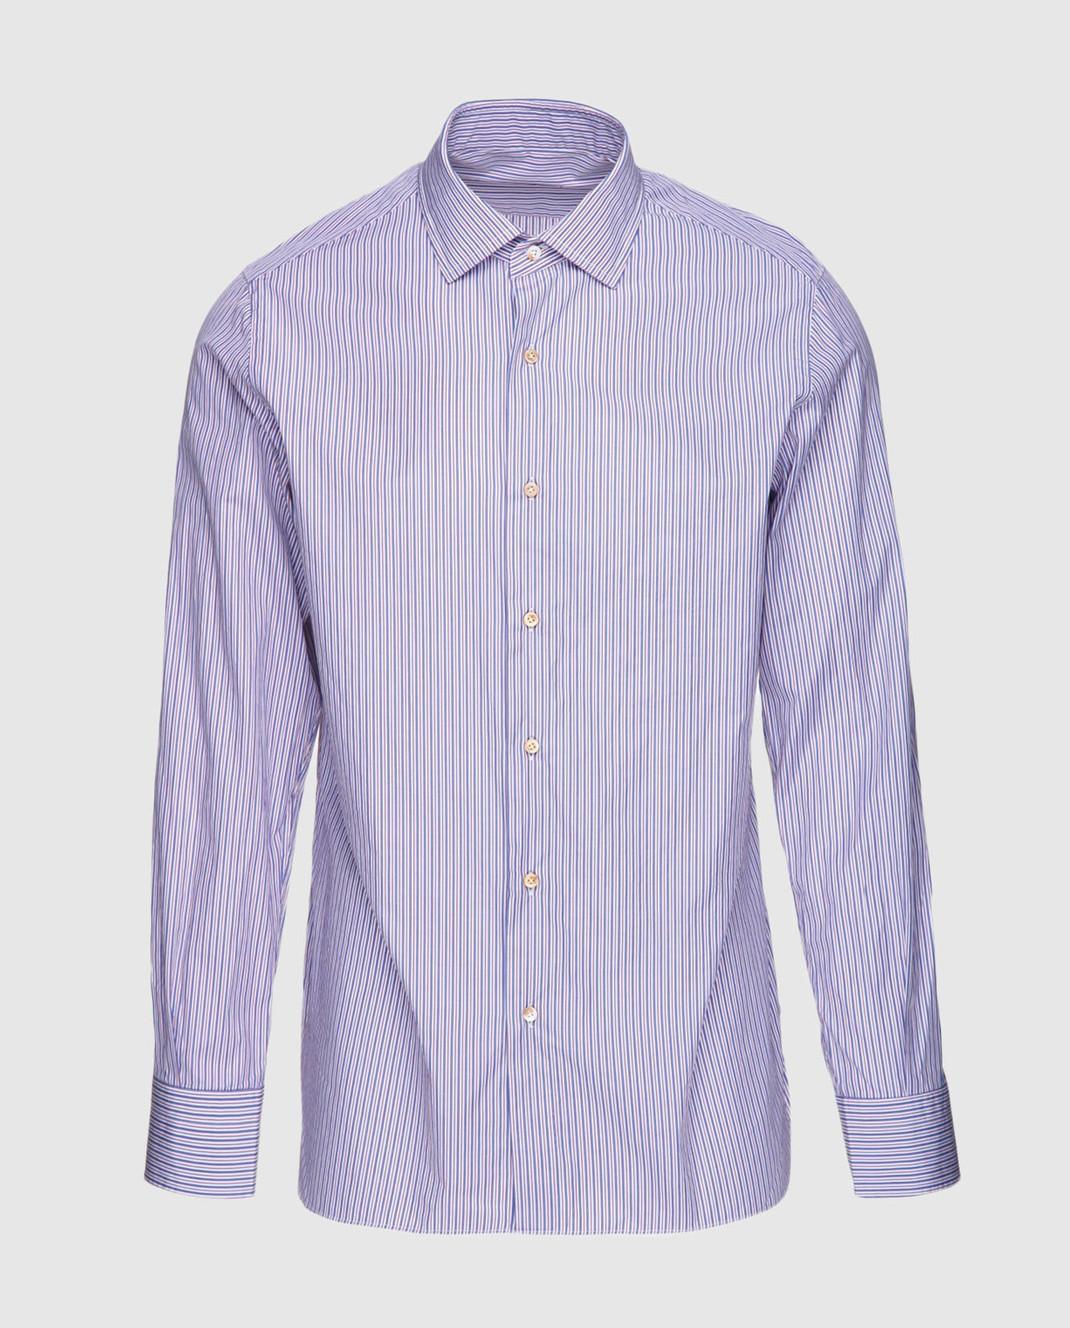 Stile Latino Рубашка CMSLIMPRIMO2RCCM10